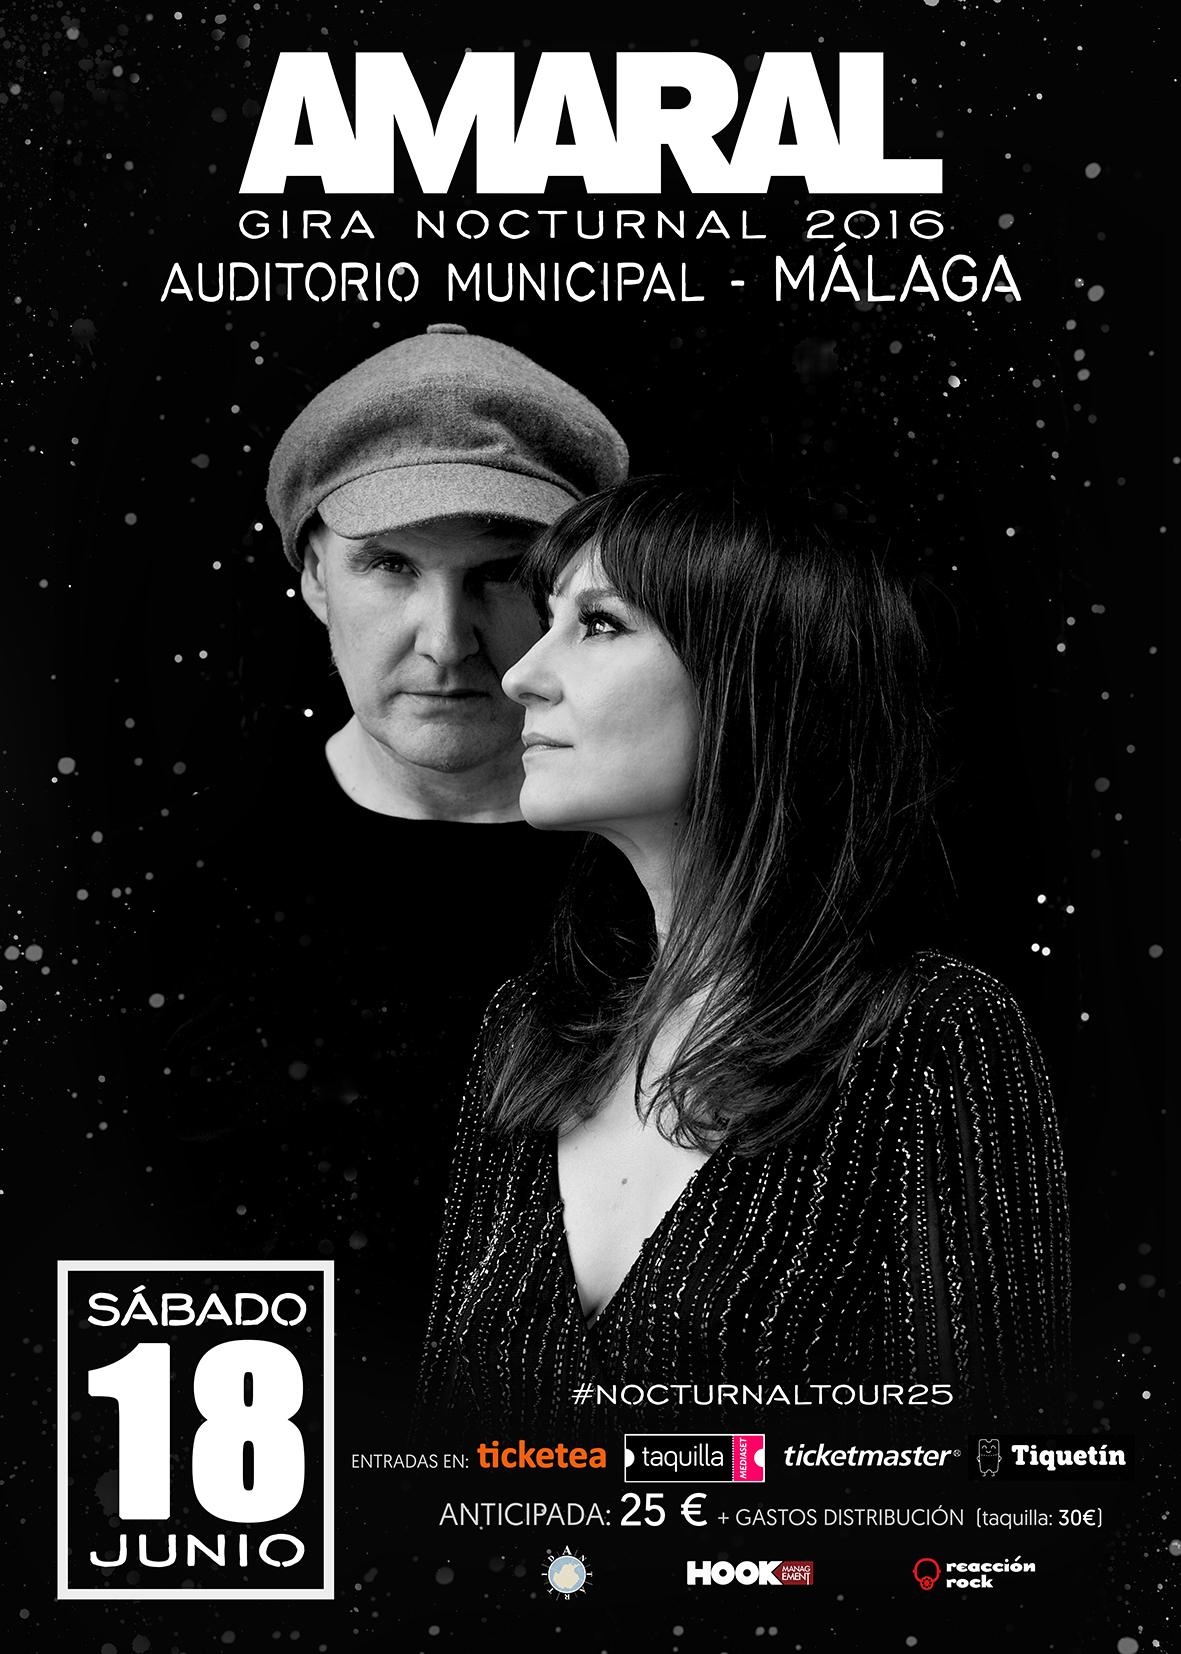 Amaral en Málaga